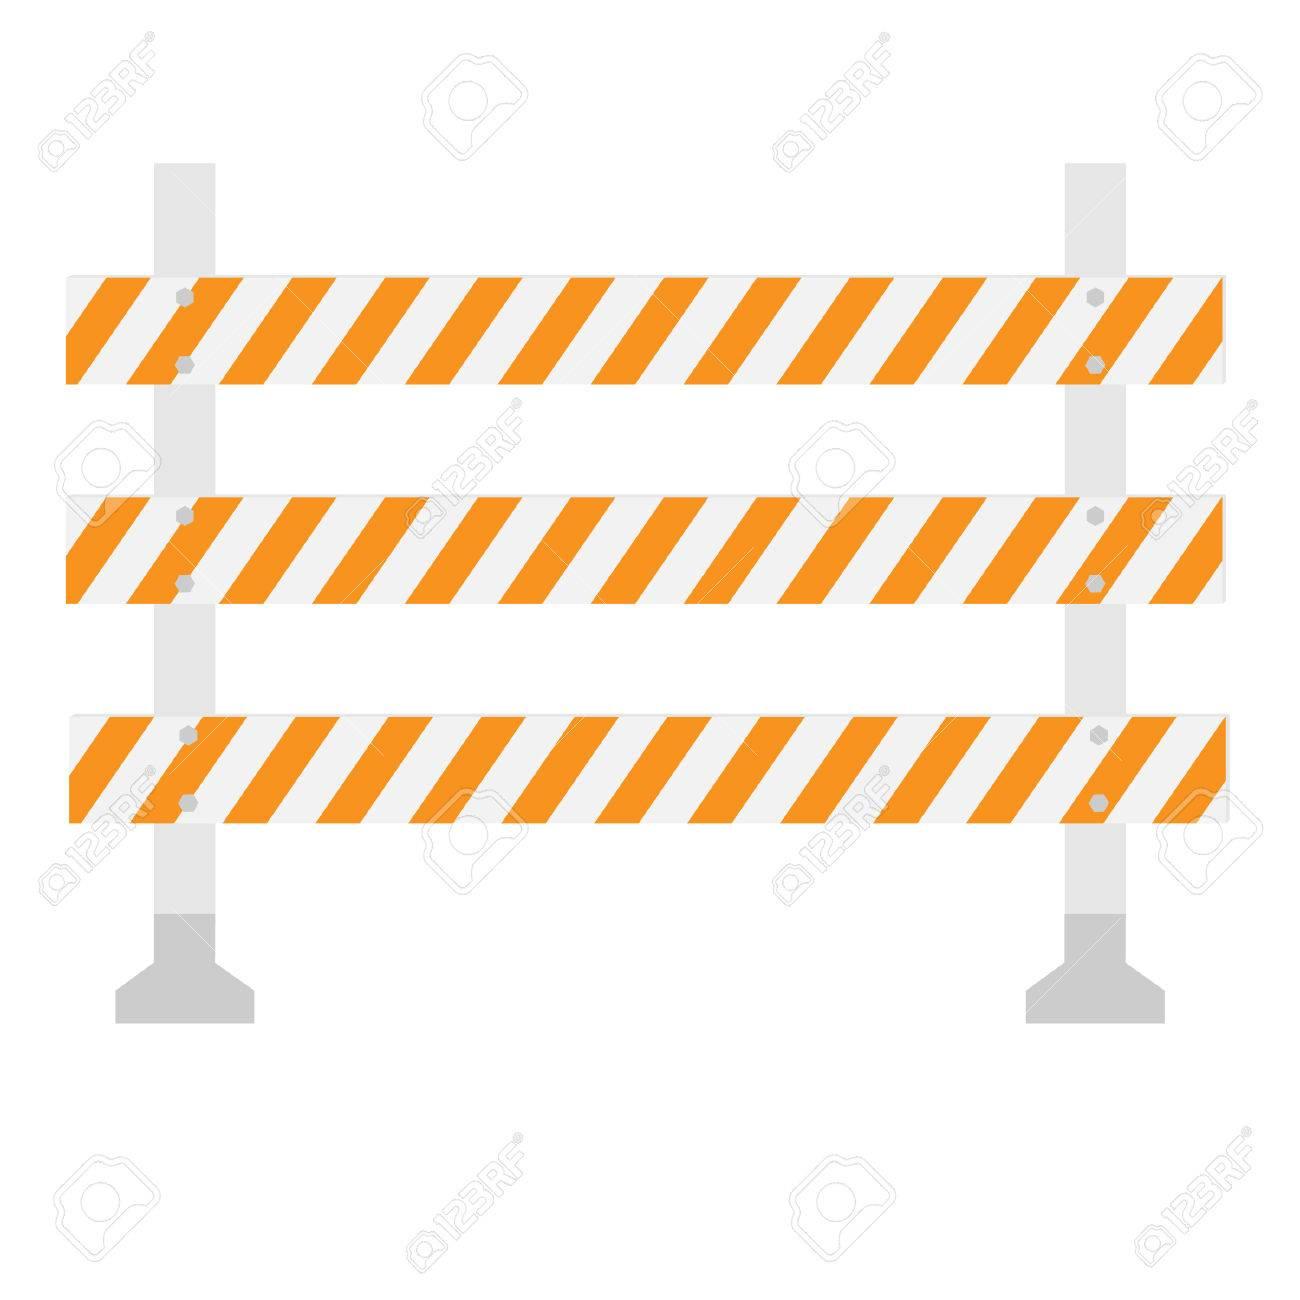 Orange Und Weiße, Dreifach, Gestreiften Schranke, Barrikade ...